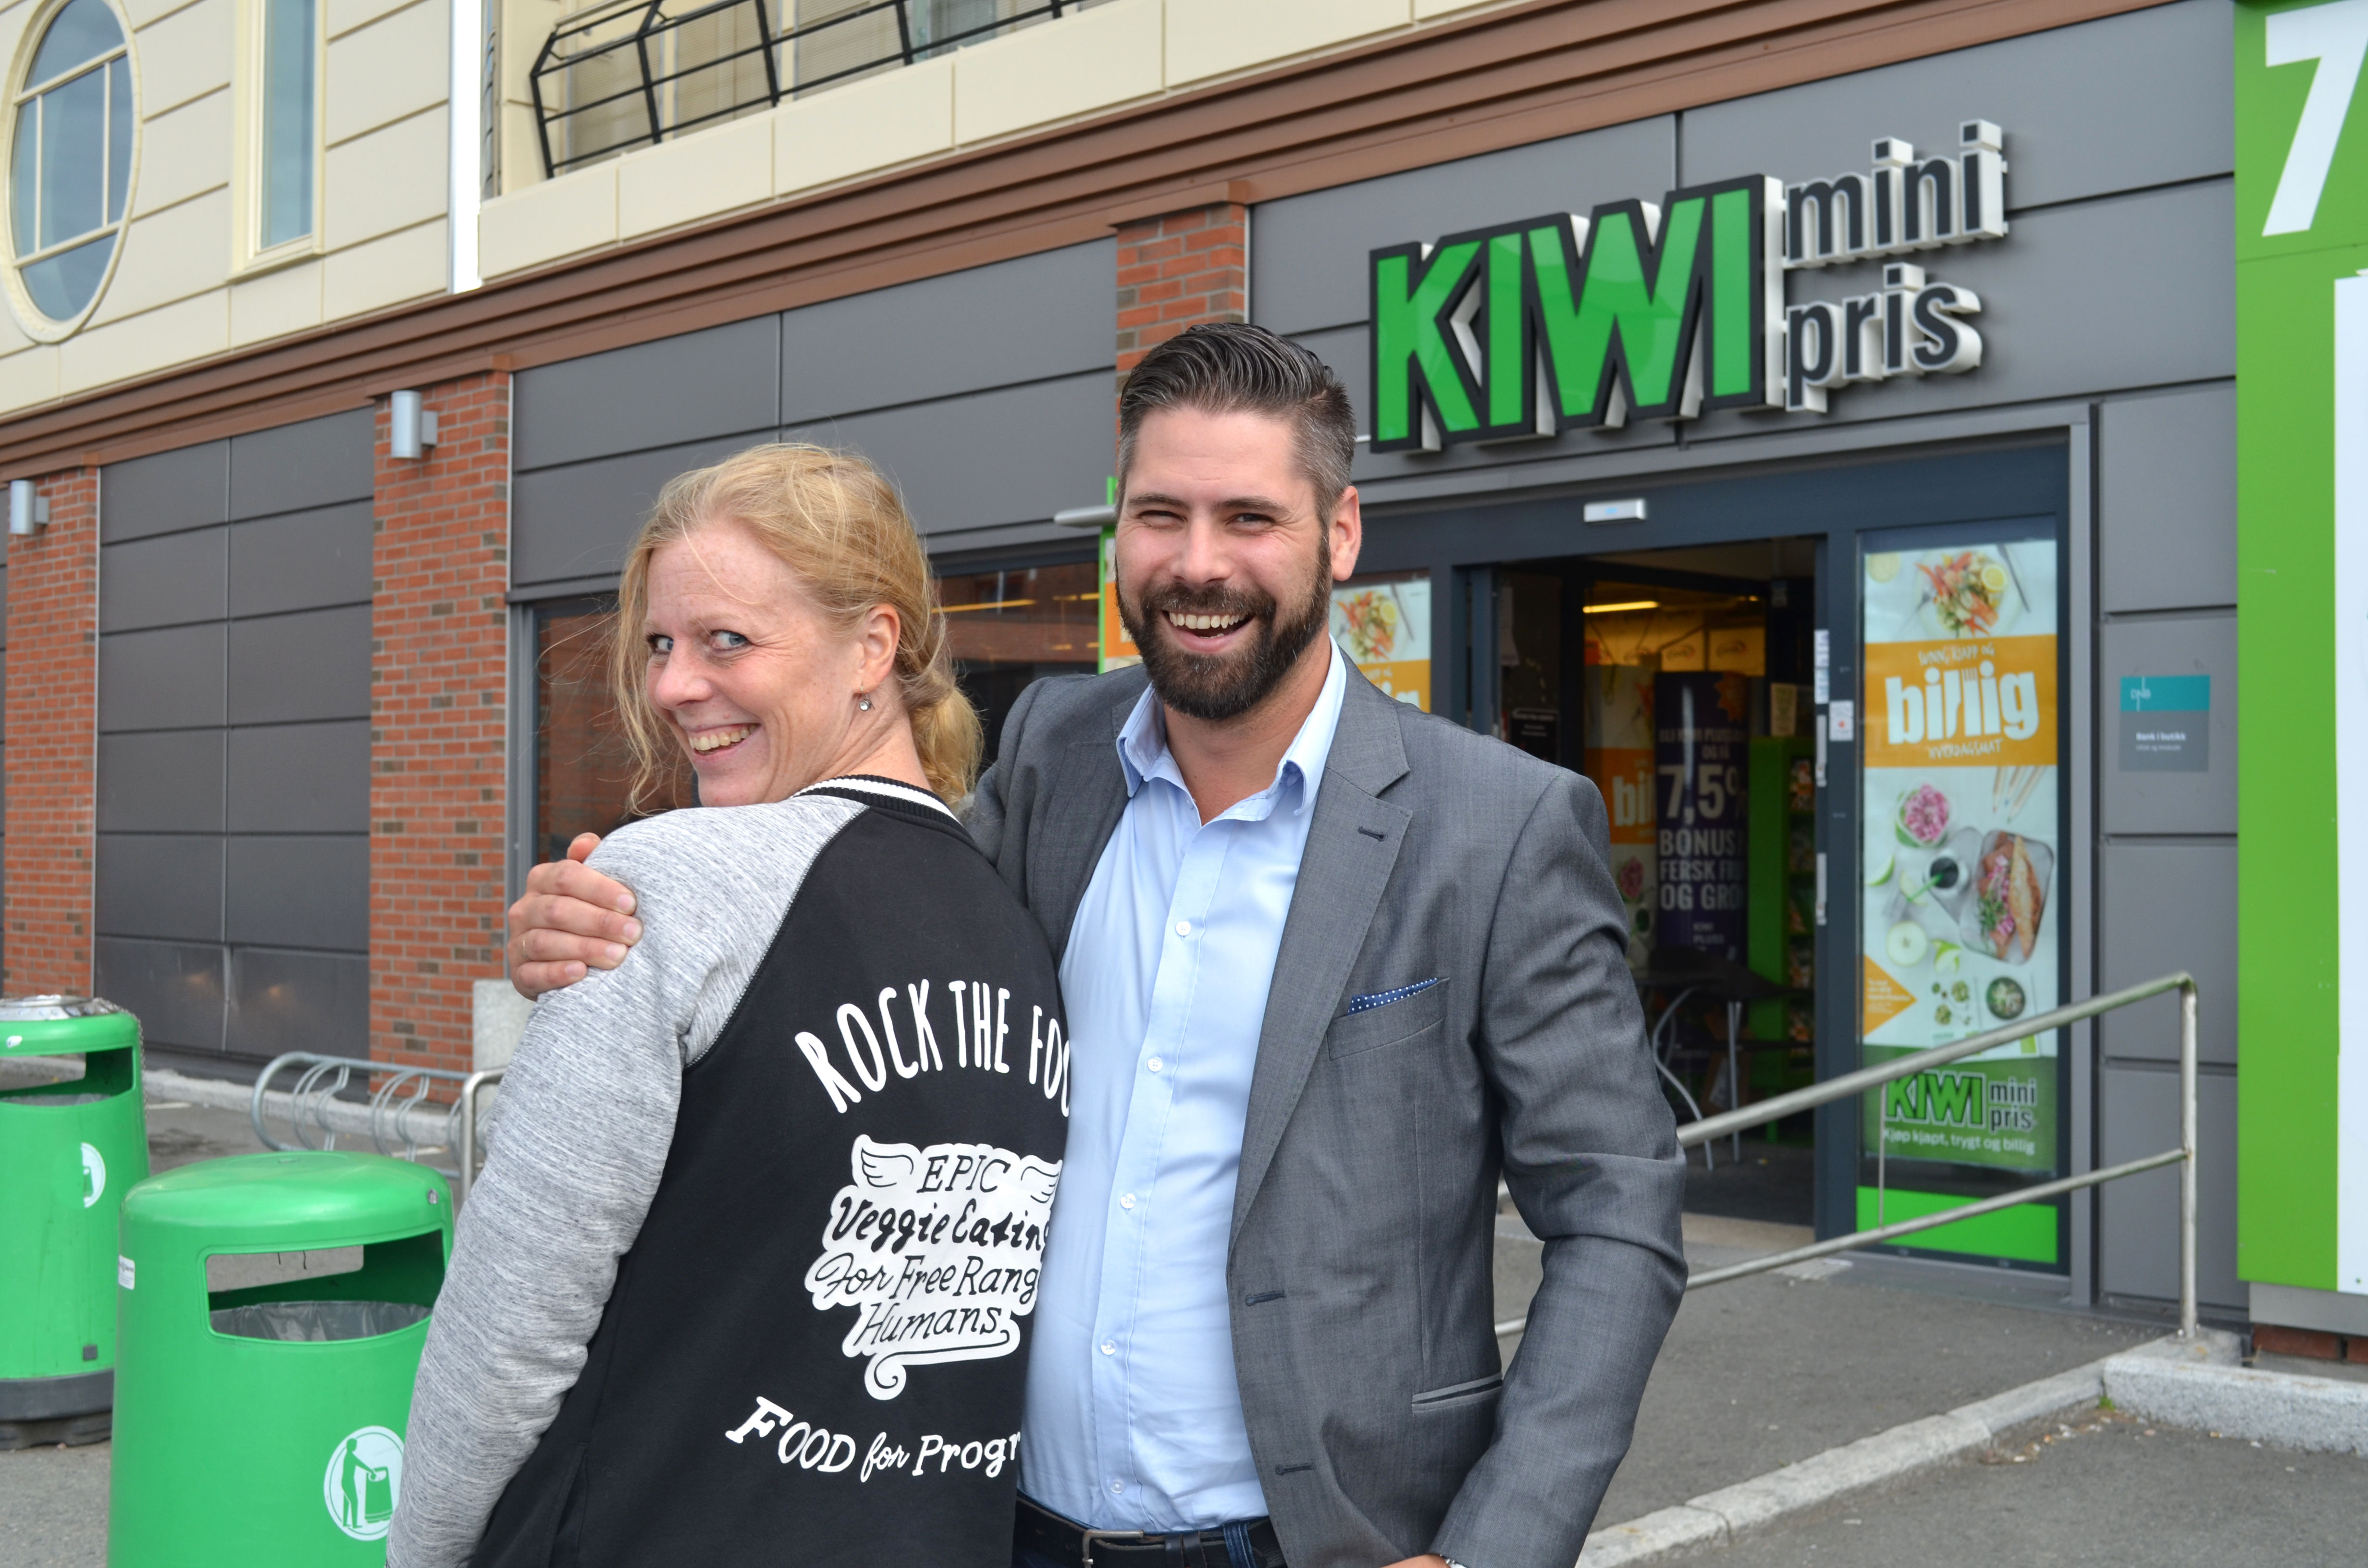 Gründer Anna-Kajsa Lidell og salgssjef Carl Montelius i Food for Progress gleder seg til å introdusere Oumph! for det norske markedet.